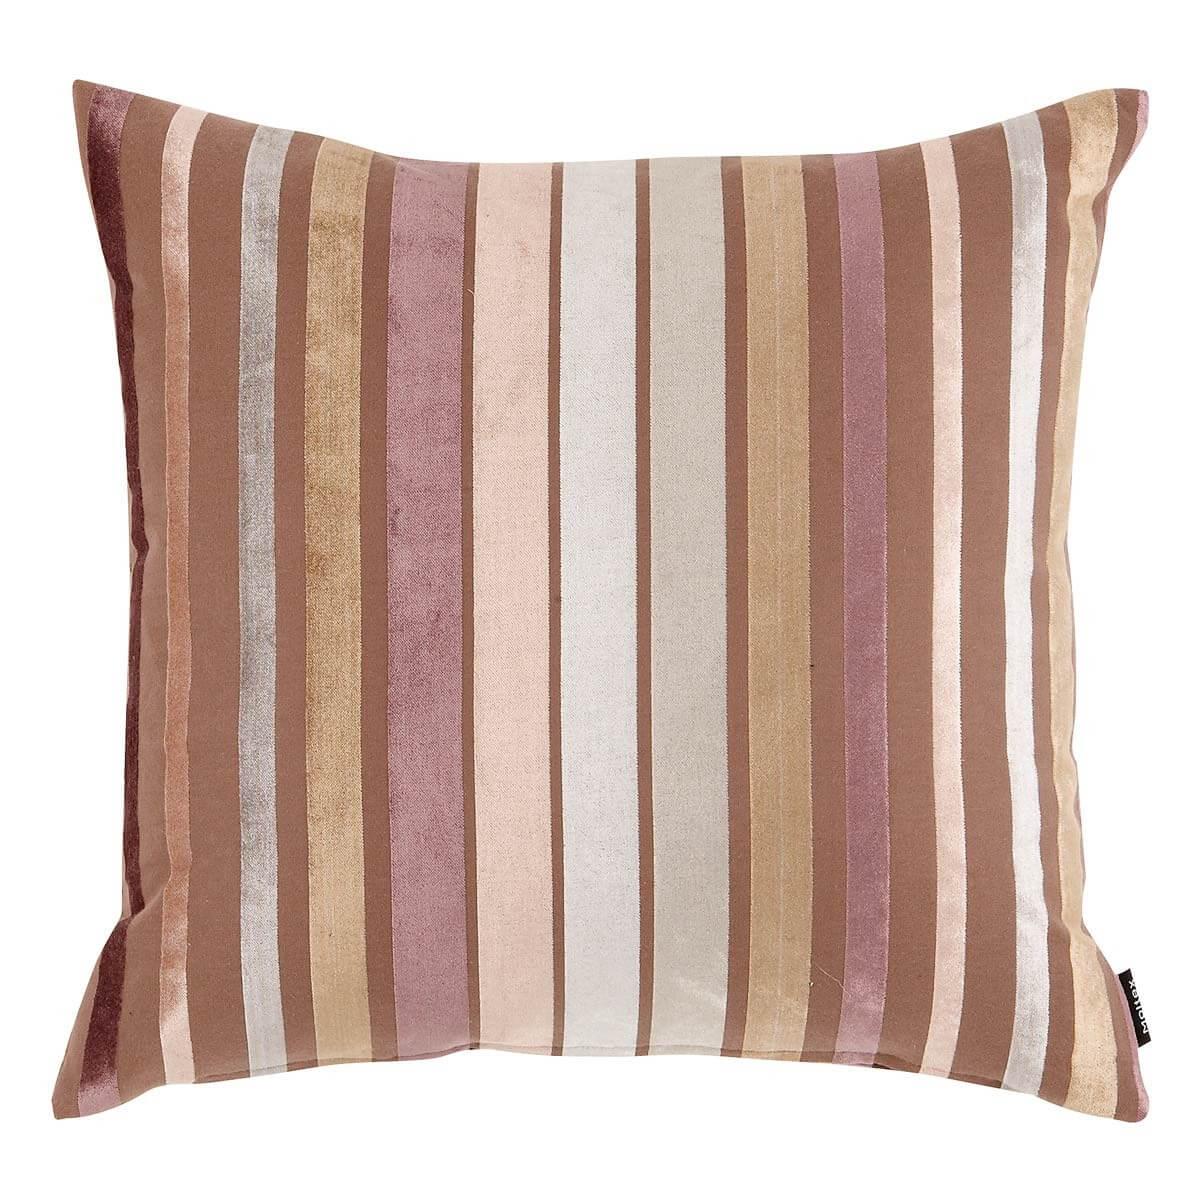 Kissen 50x50 cm Pink, Beige, Braun gestreift